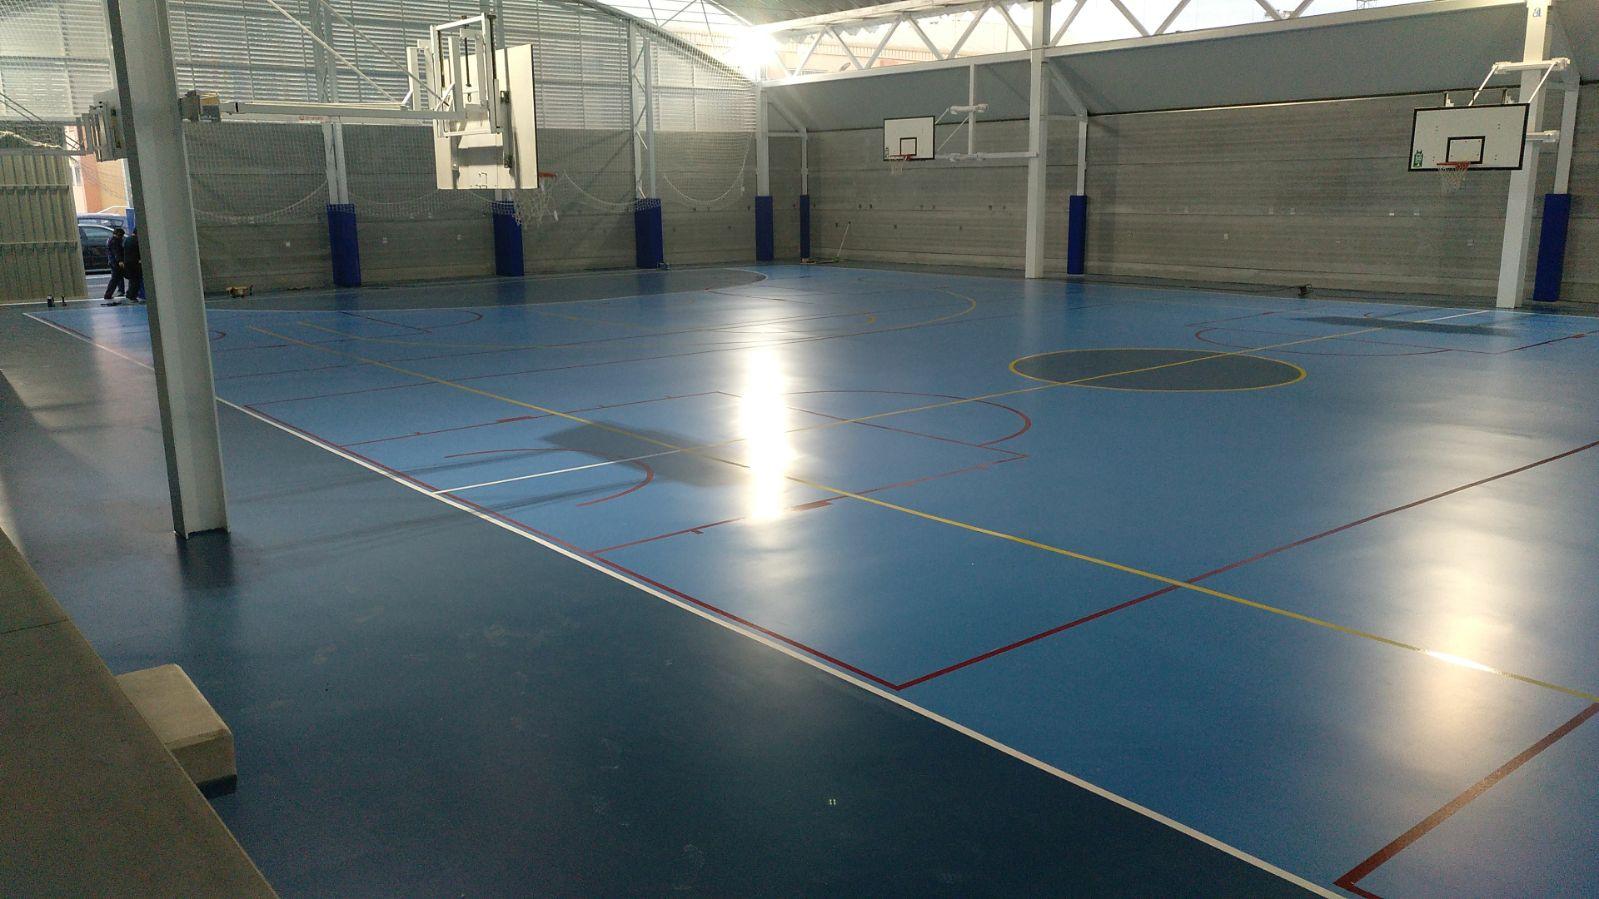 Global Grass ejecutó para el Ayto. de Calpe el pavimento del pabellón cubierto del Polideportivo Municipal